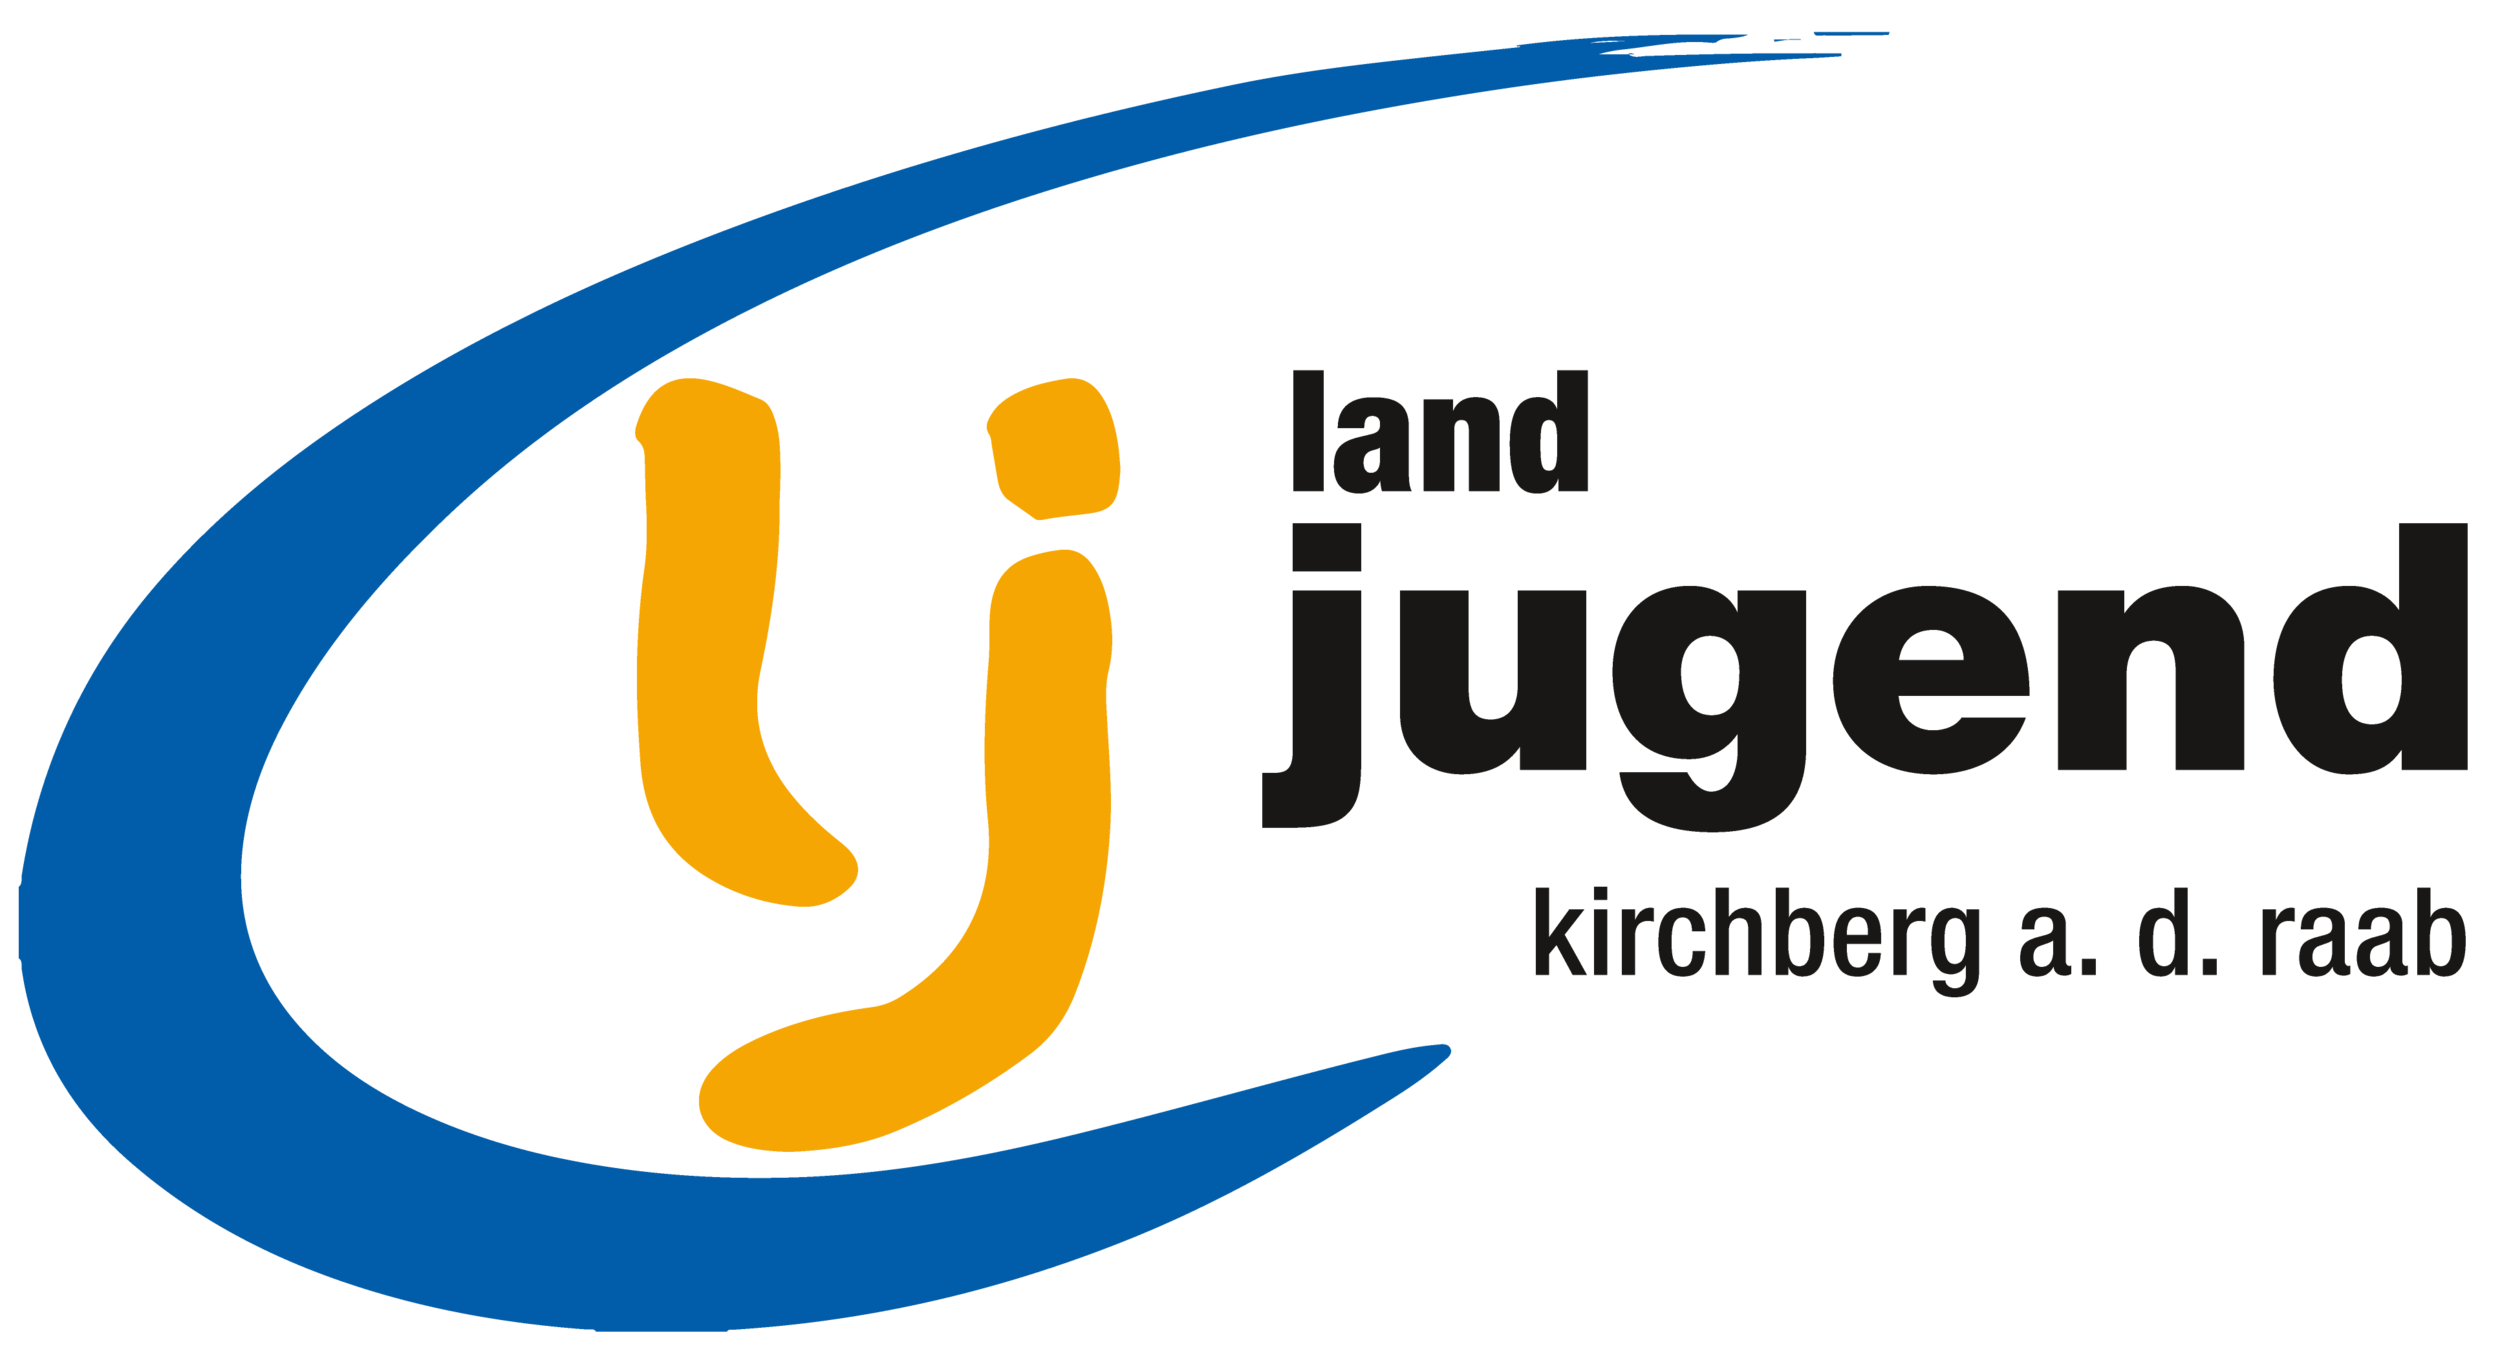 Landjugend-Logo-Nachbau.png